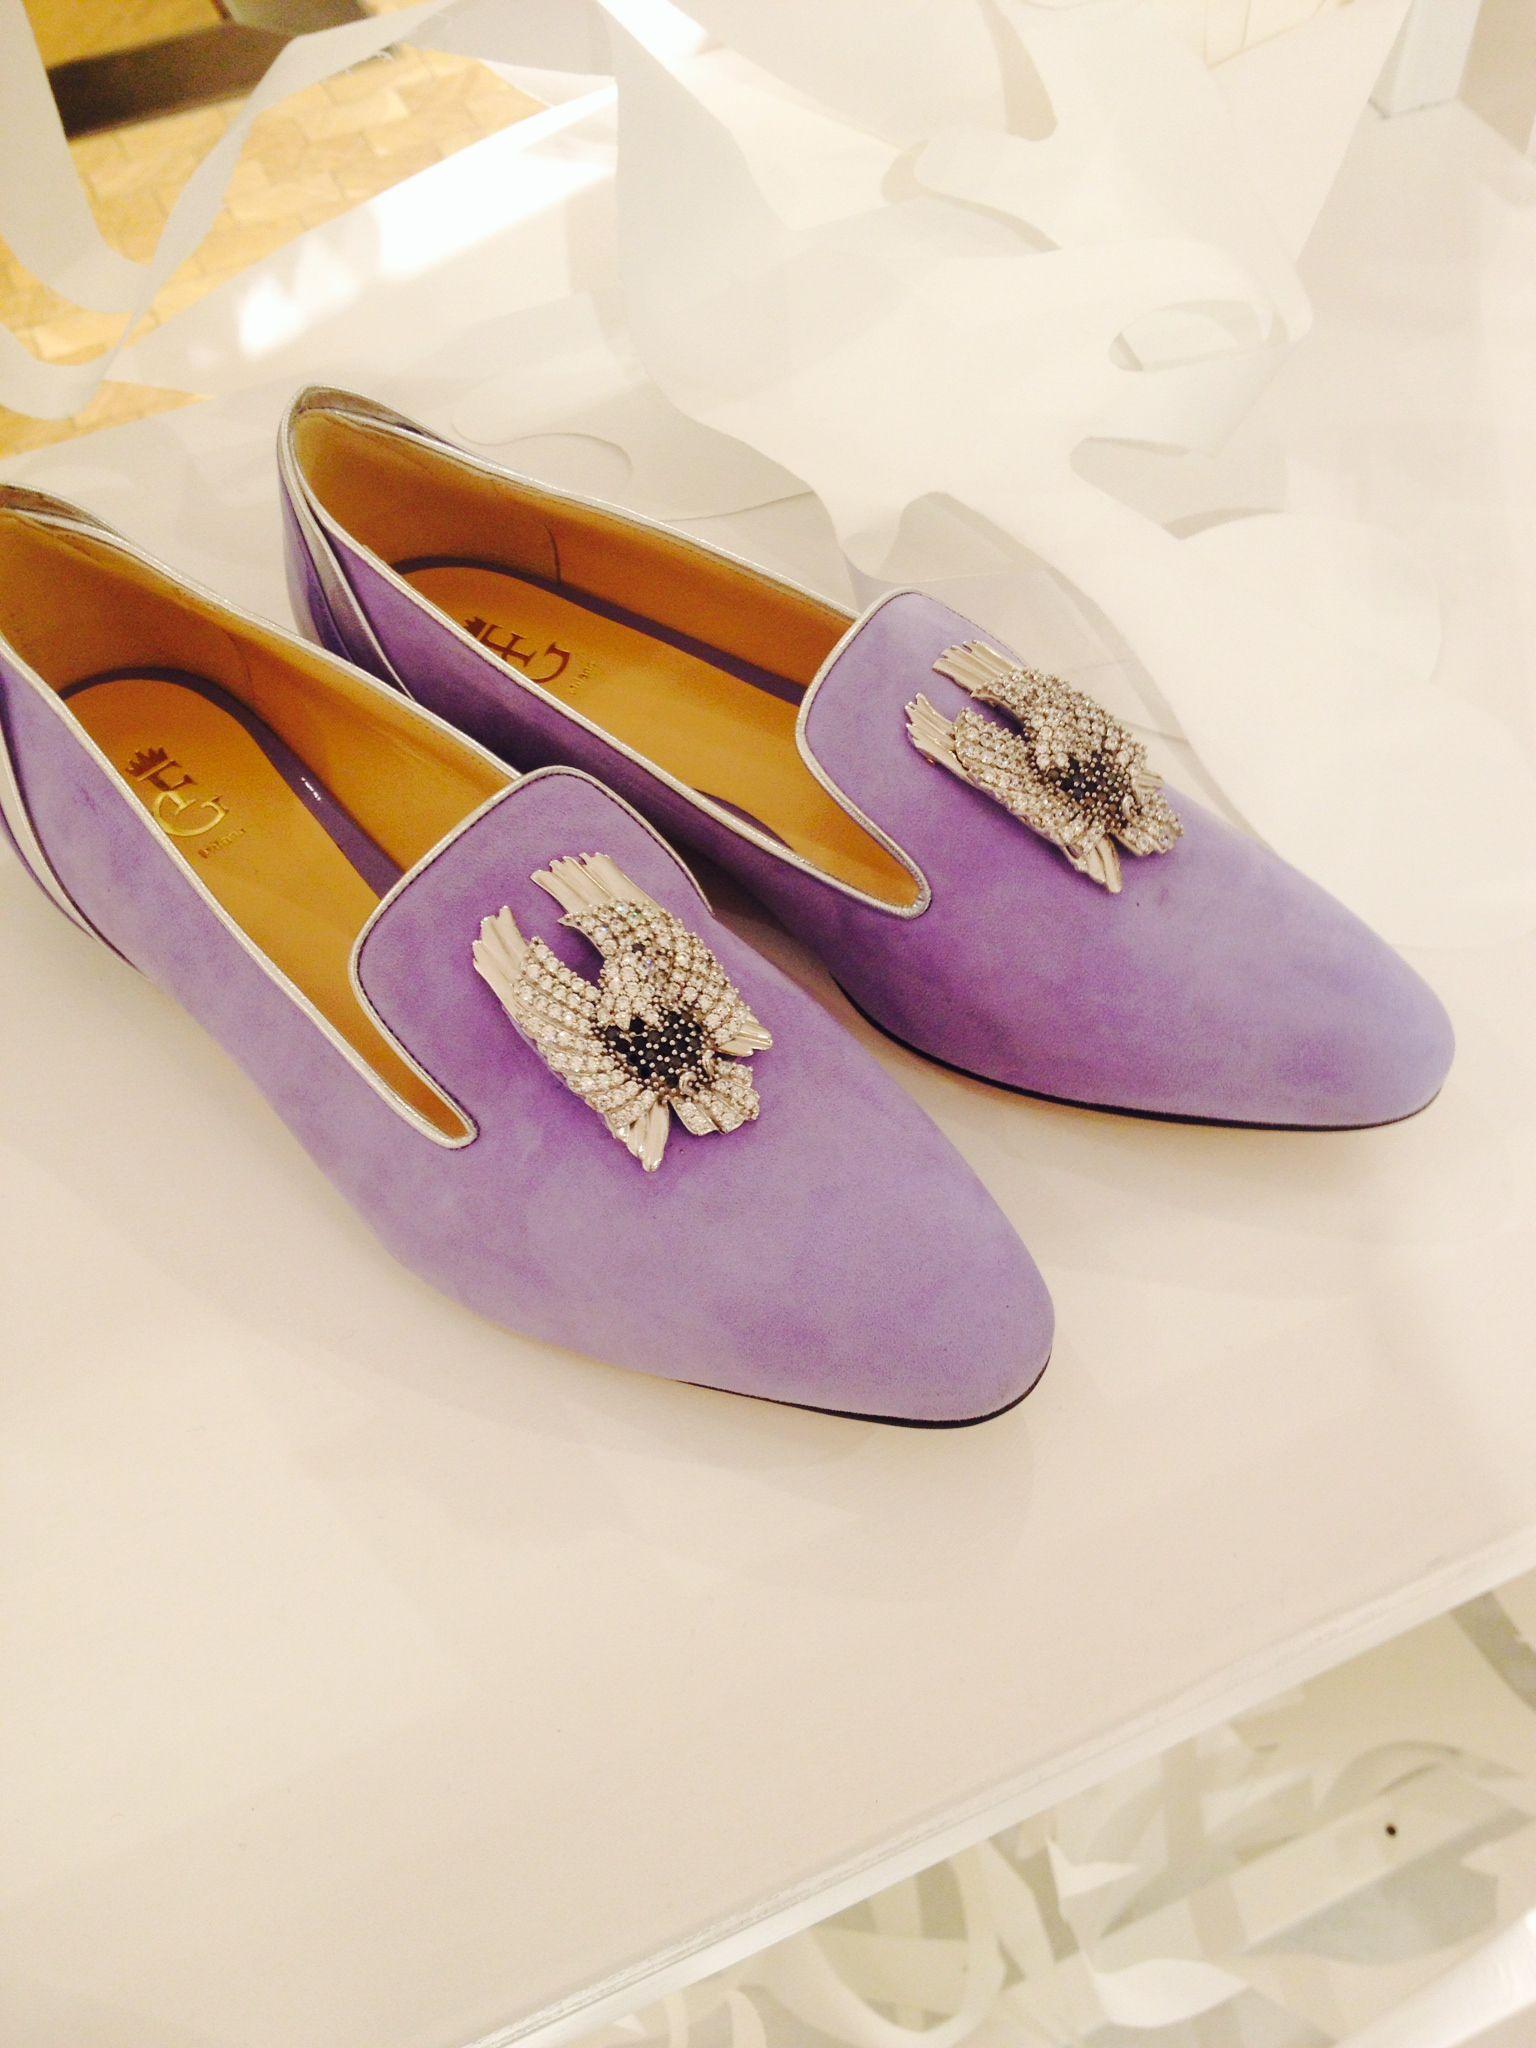 Dettagli gioiello firmati TATITOTO impreziosiscono alcuni modelli di scarpe FG Milano